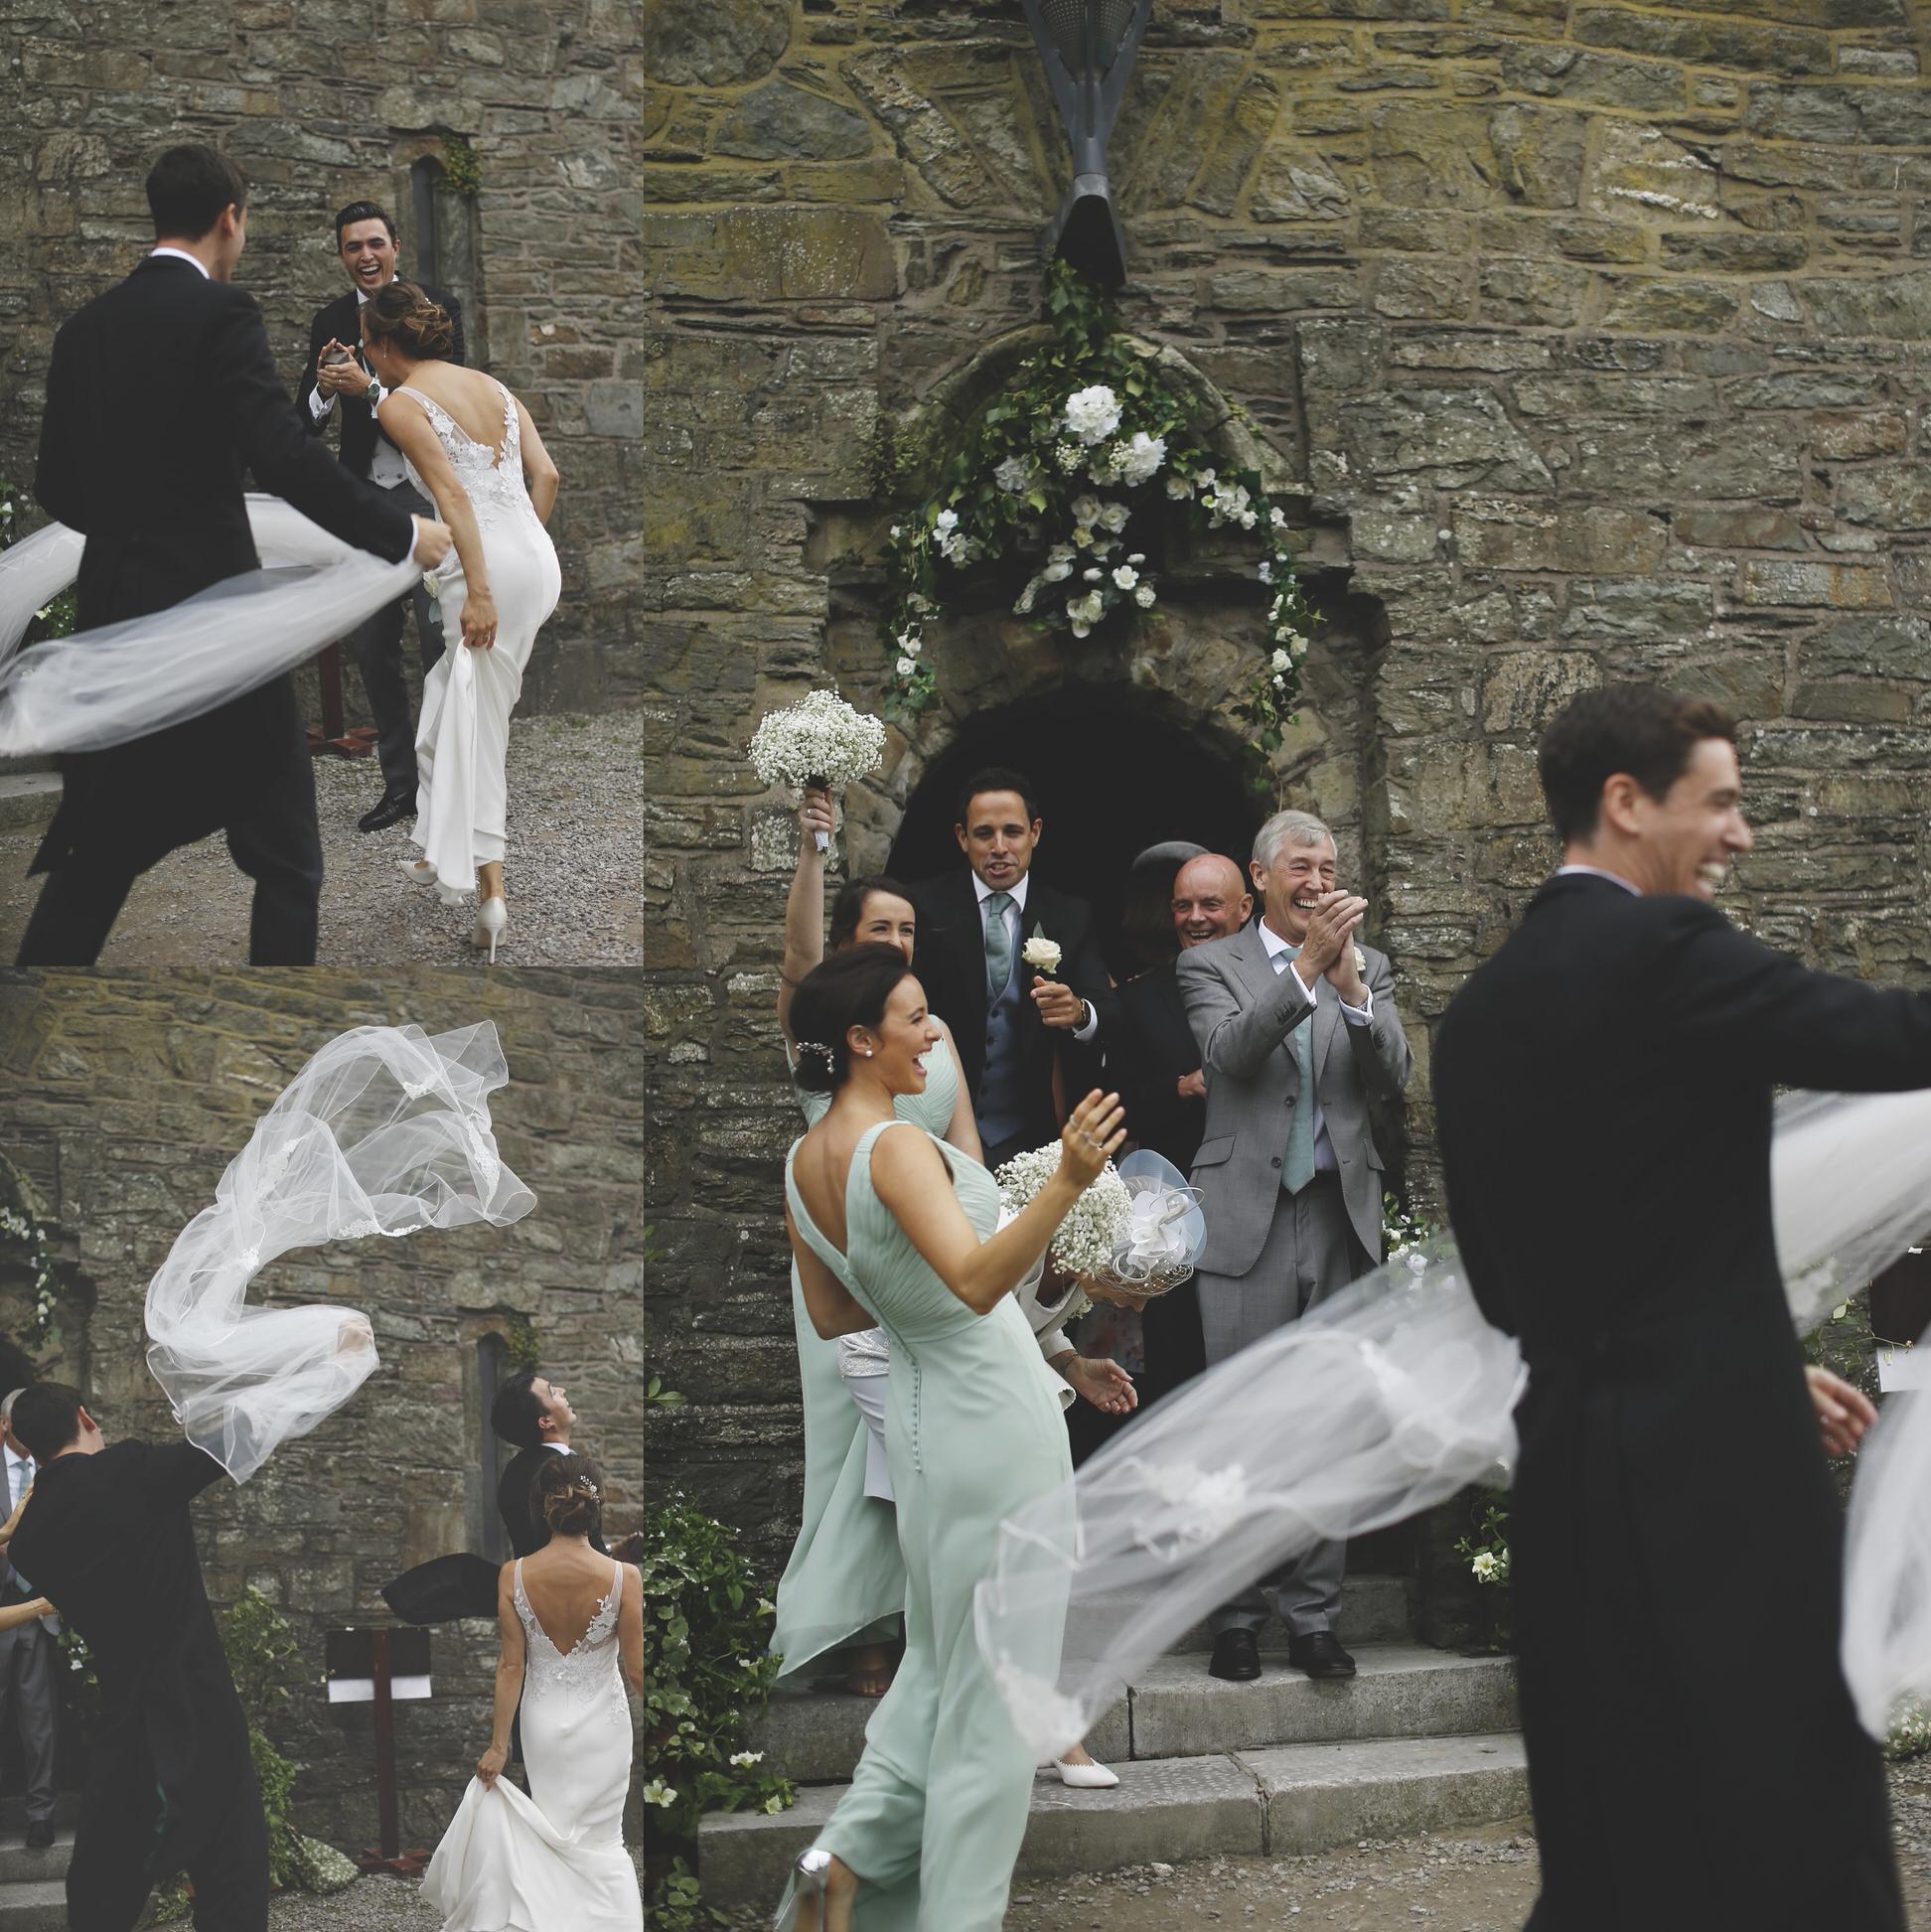 brettharkness-destination-wedding-photographer-ireland_0026.jpg